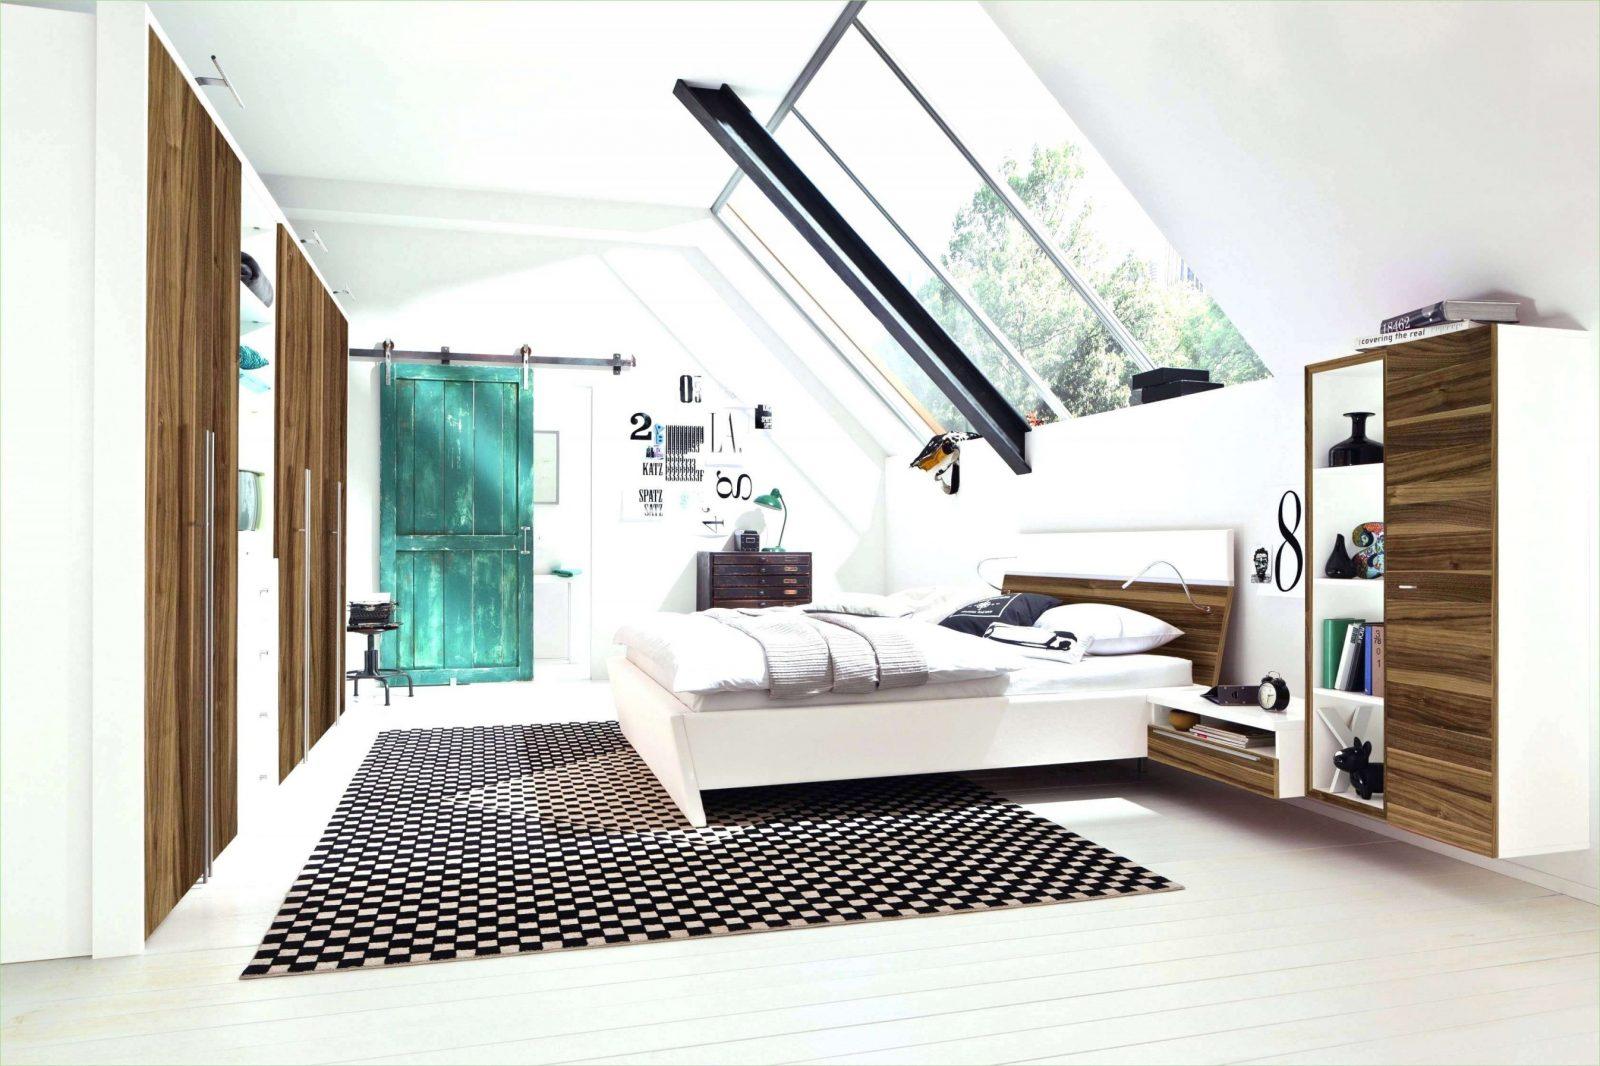 Deko Ideen Selber Machen Garten Elegant 37 Elegant Wohnzimmer Ideen von Deko Für Wohnzimmer Selber Machen Bild